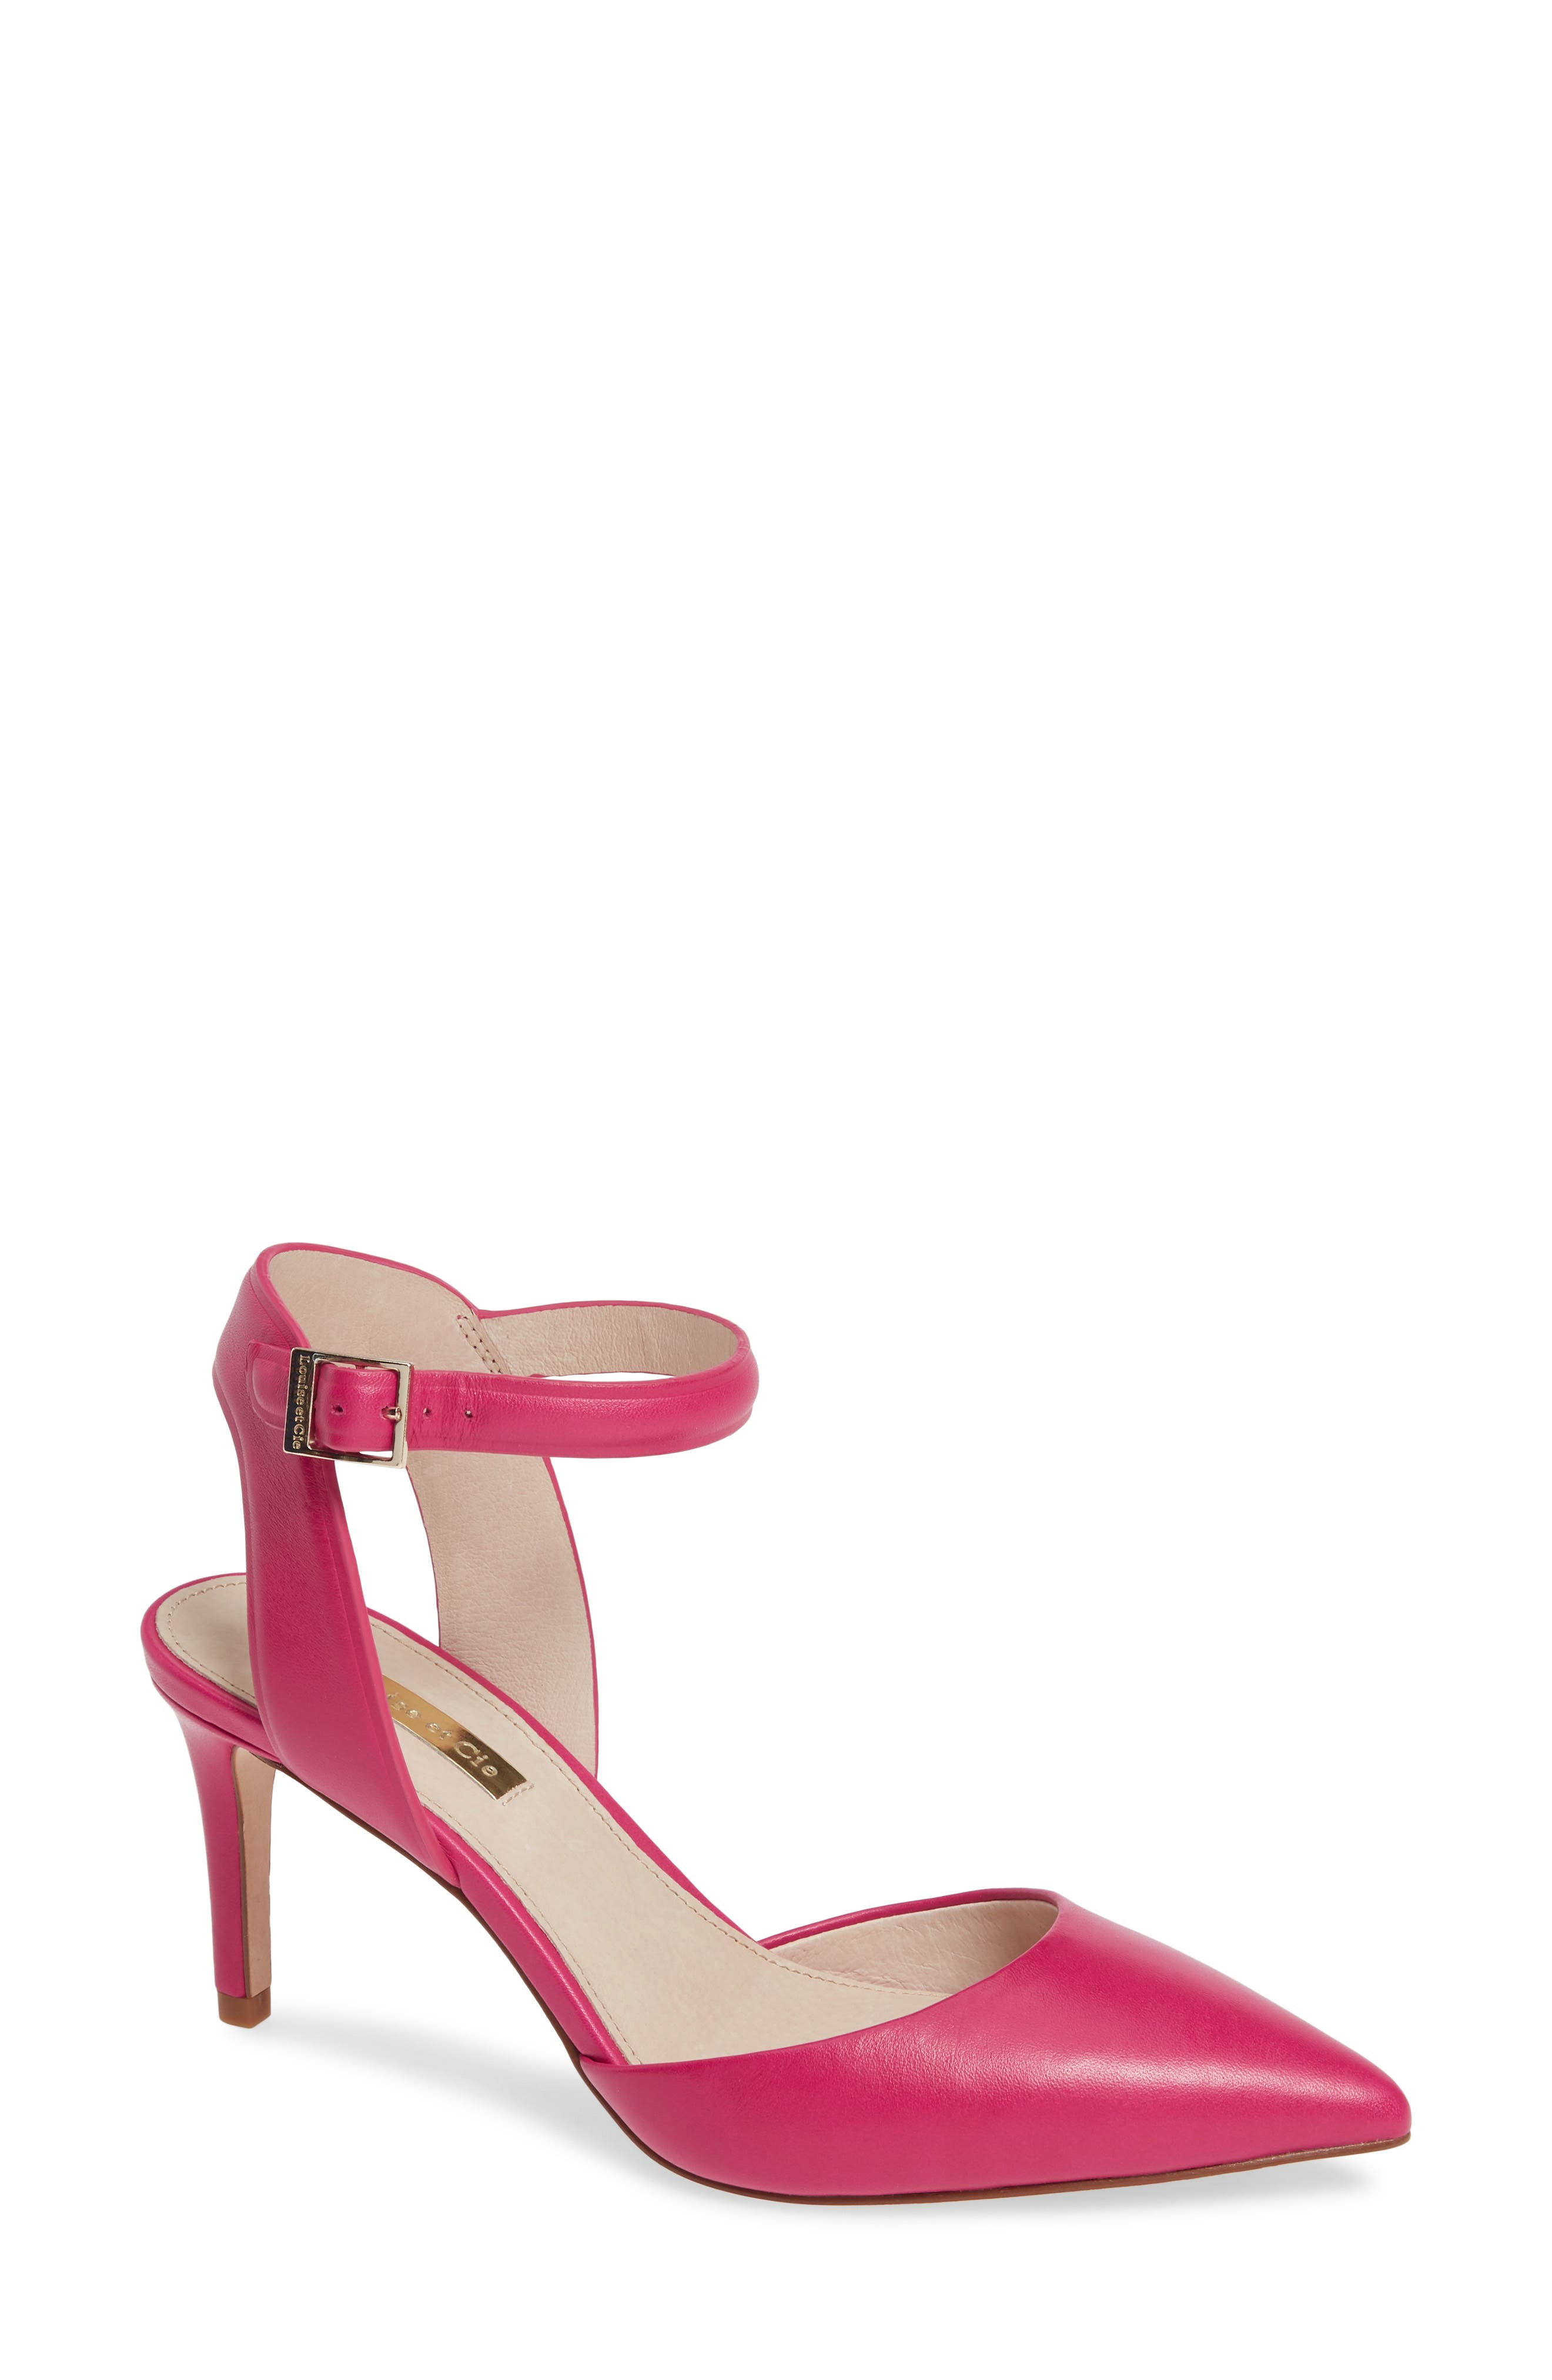 Louise Et Cie Kota Ankle Strap Pump, Pink